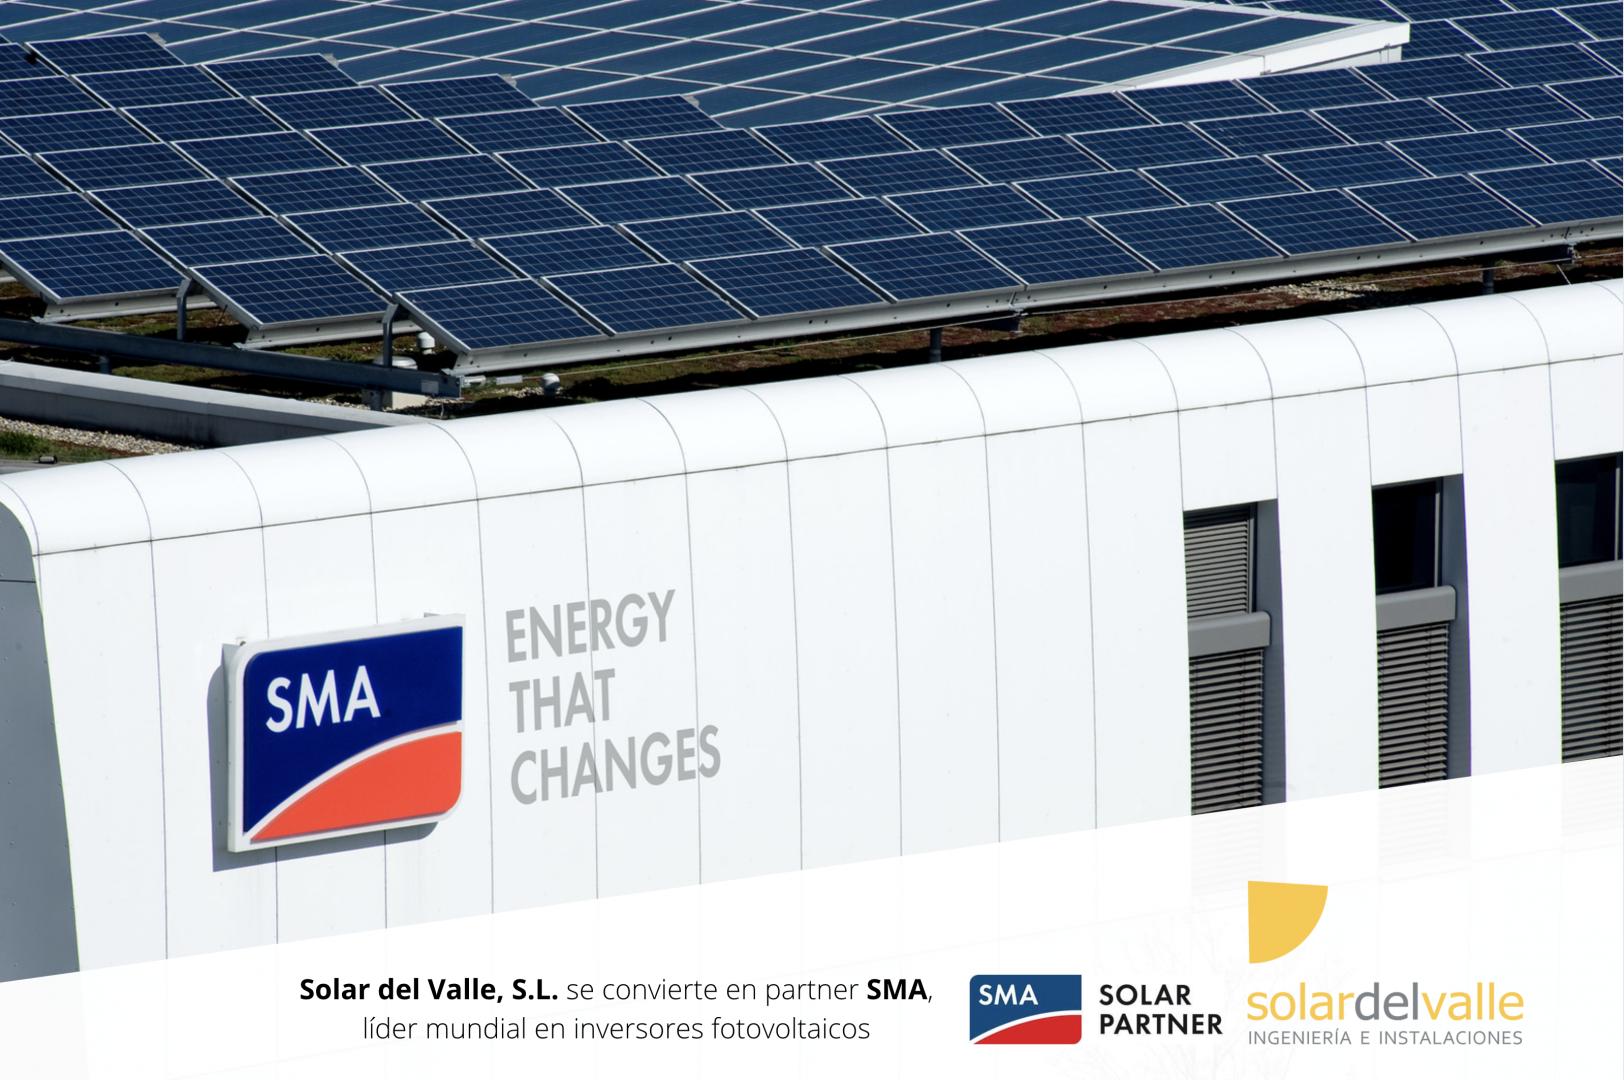 Solar del Valle se convierte en partner SMA, líder mundial en inversores fotovoltaicos